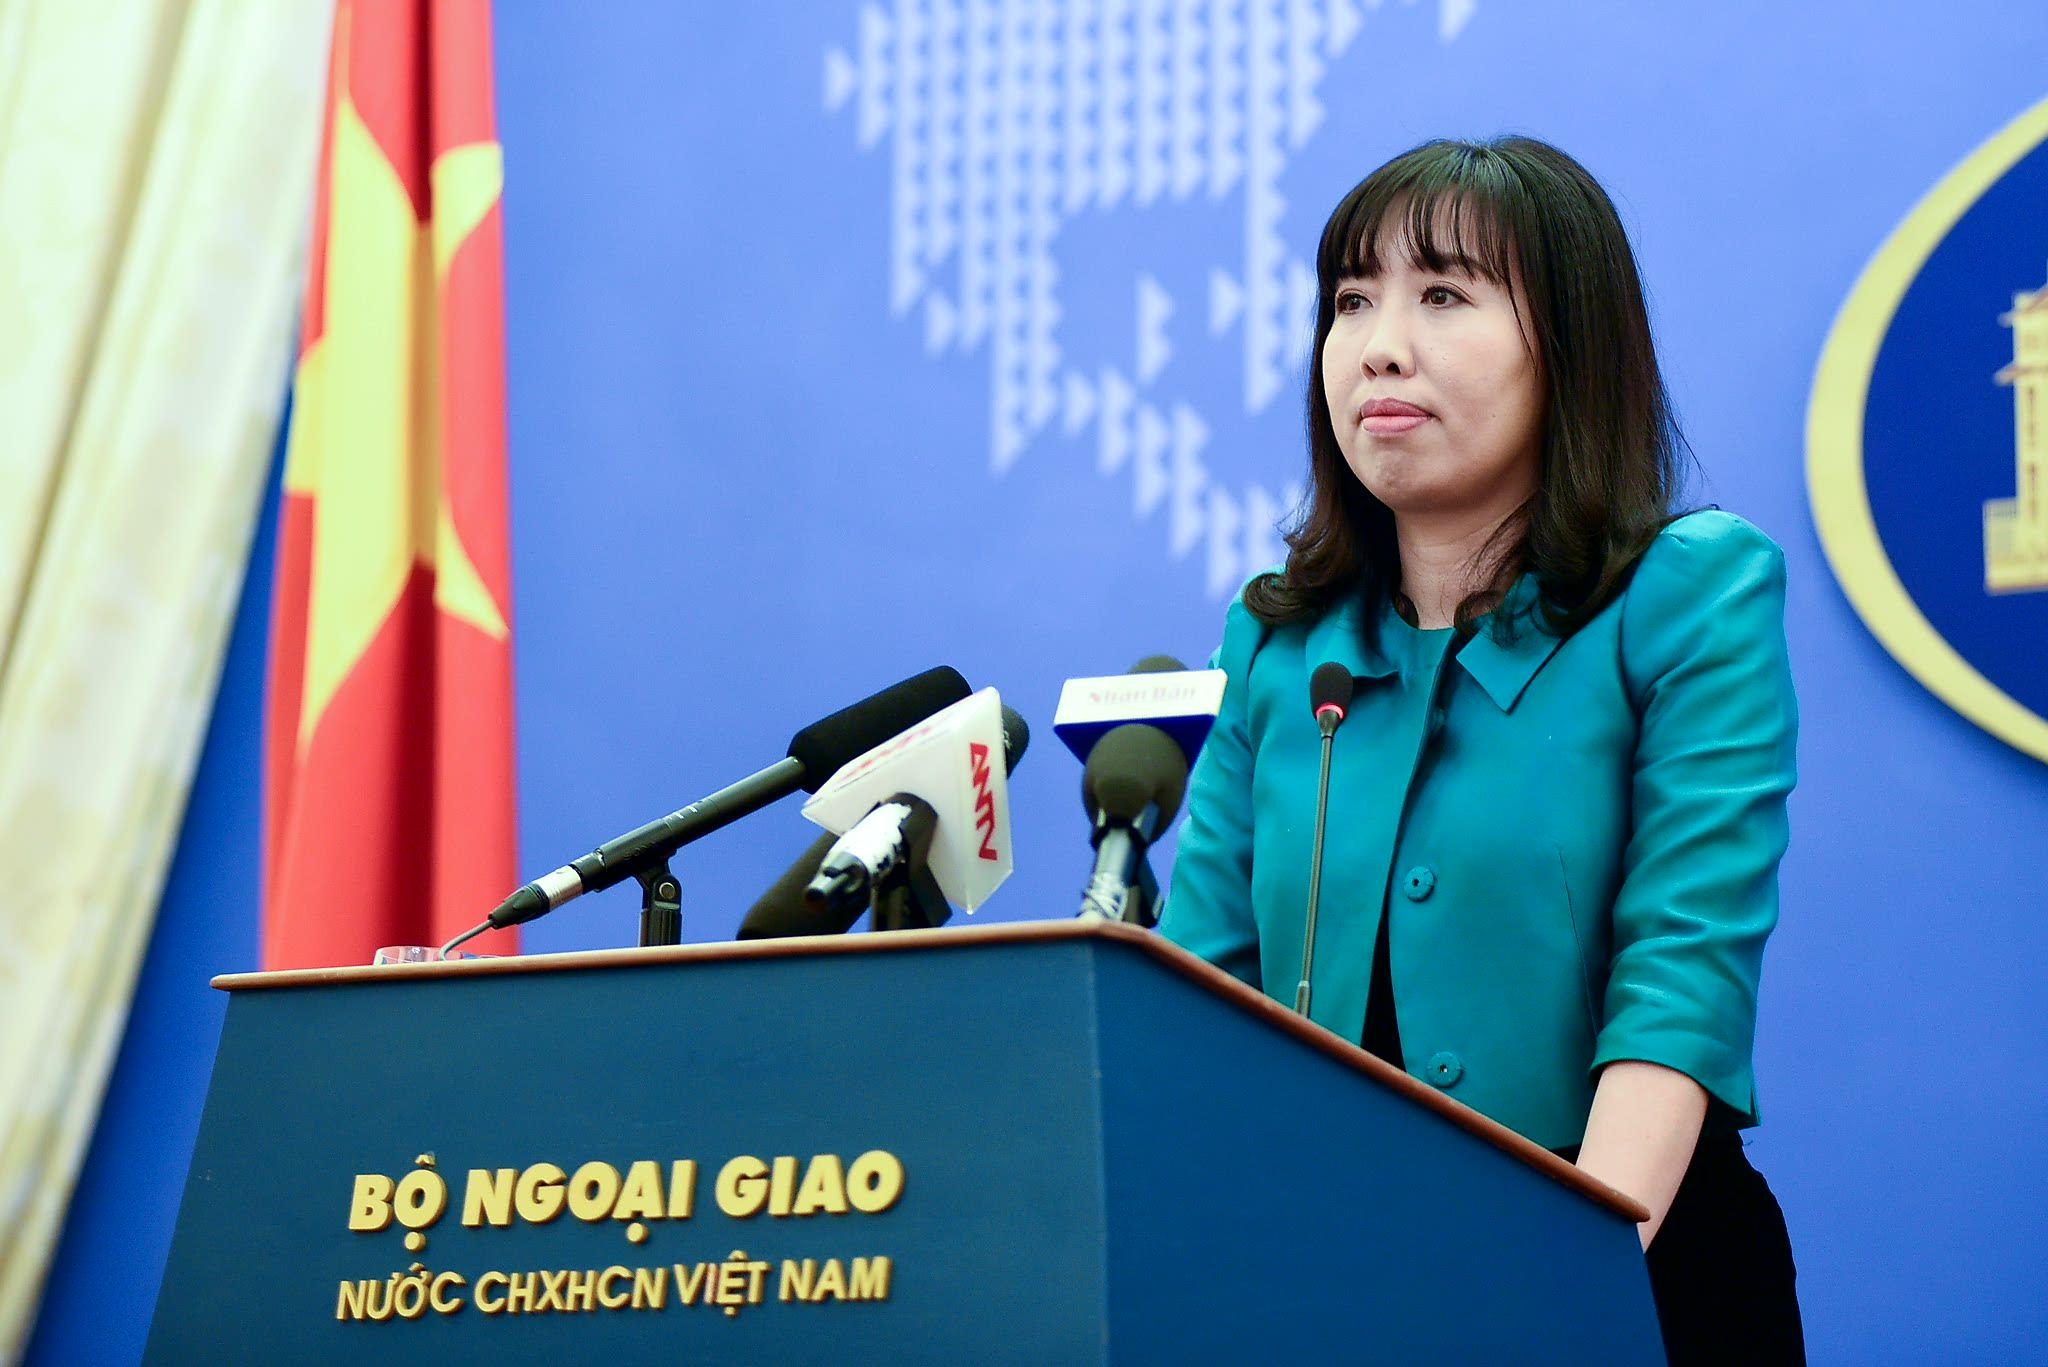 依照越南缔结的人权国际公约保障和推动人权是越南的一贯政策